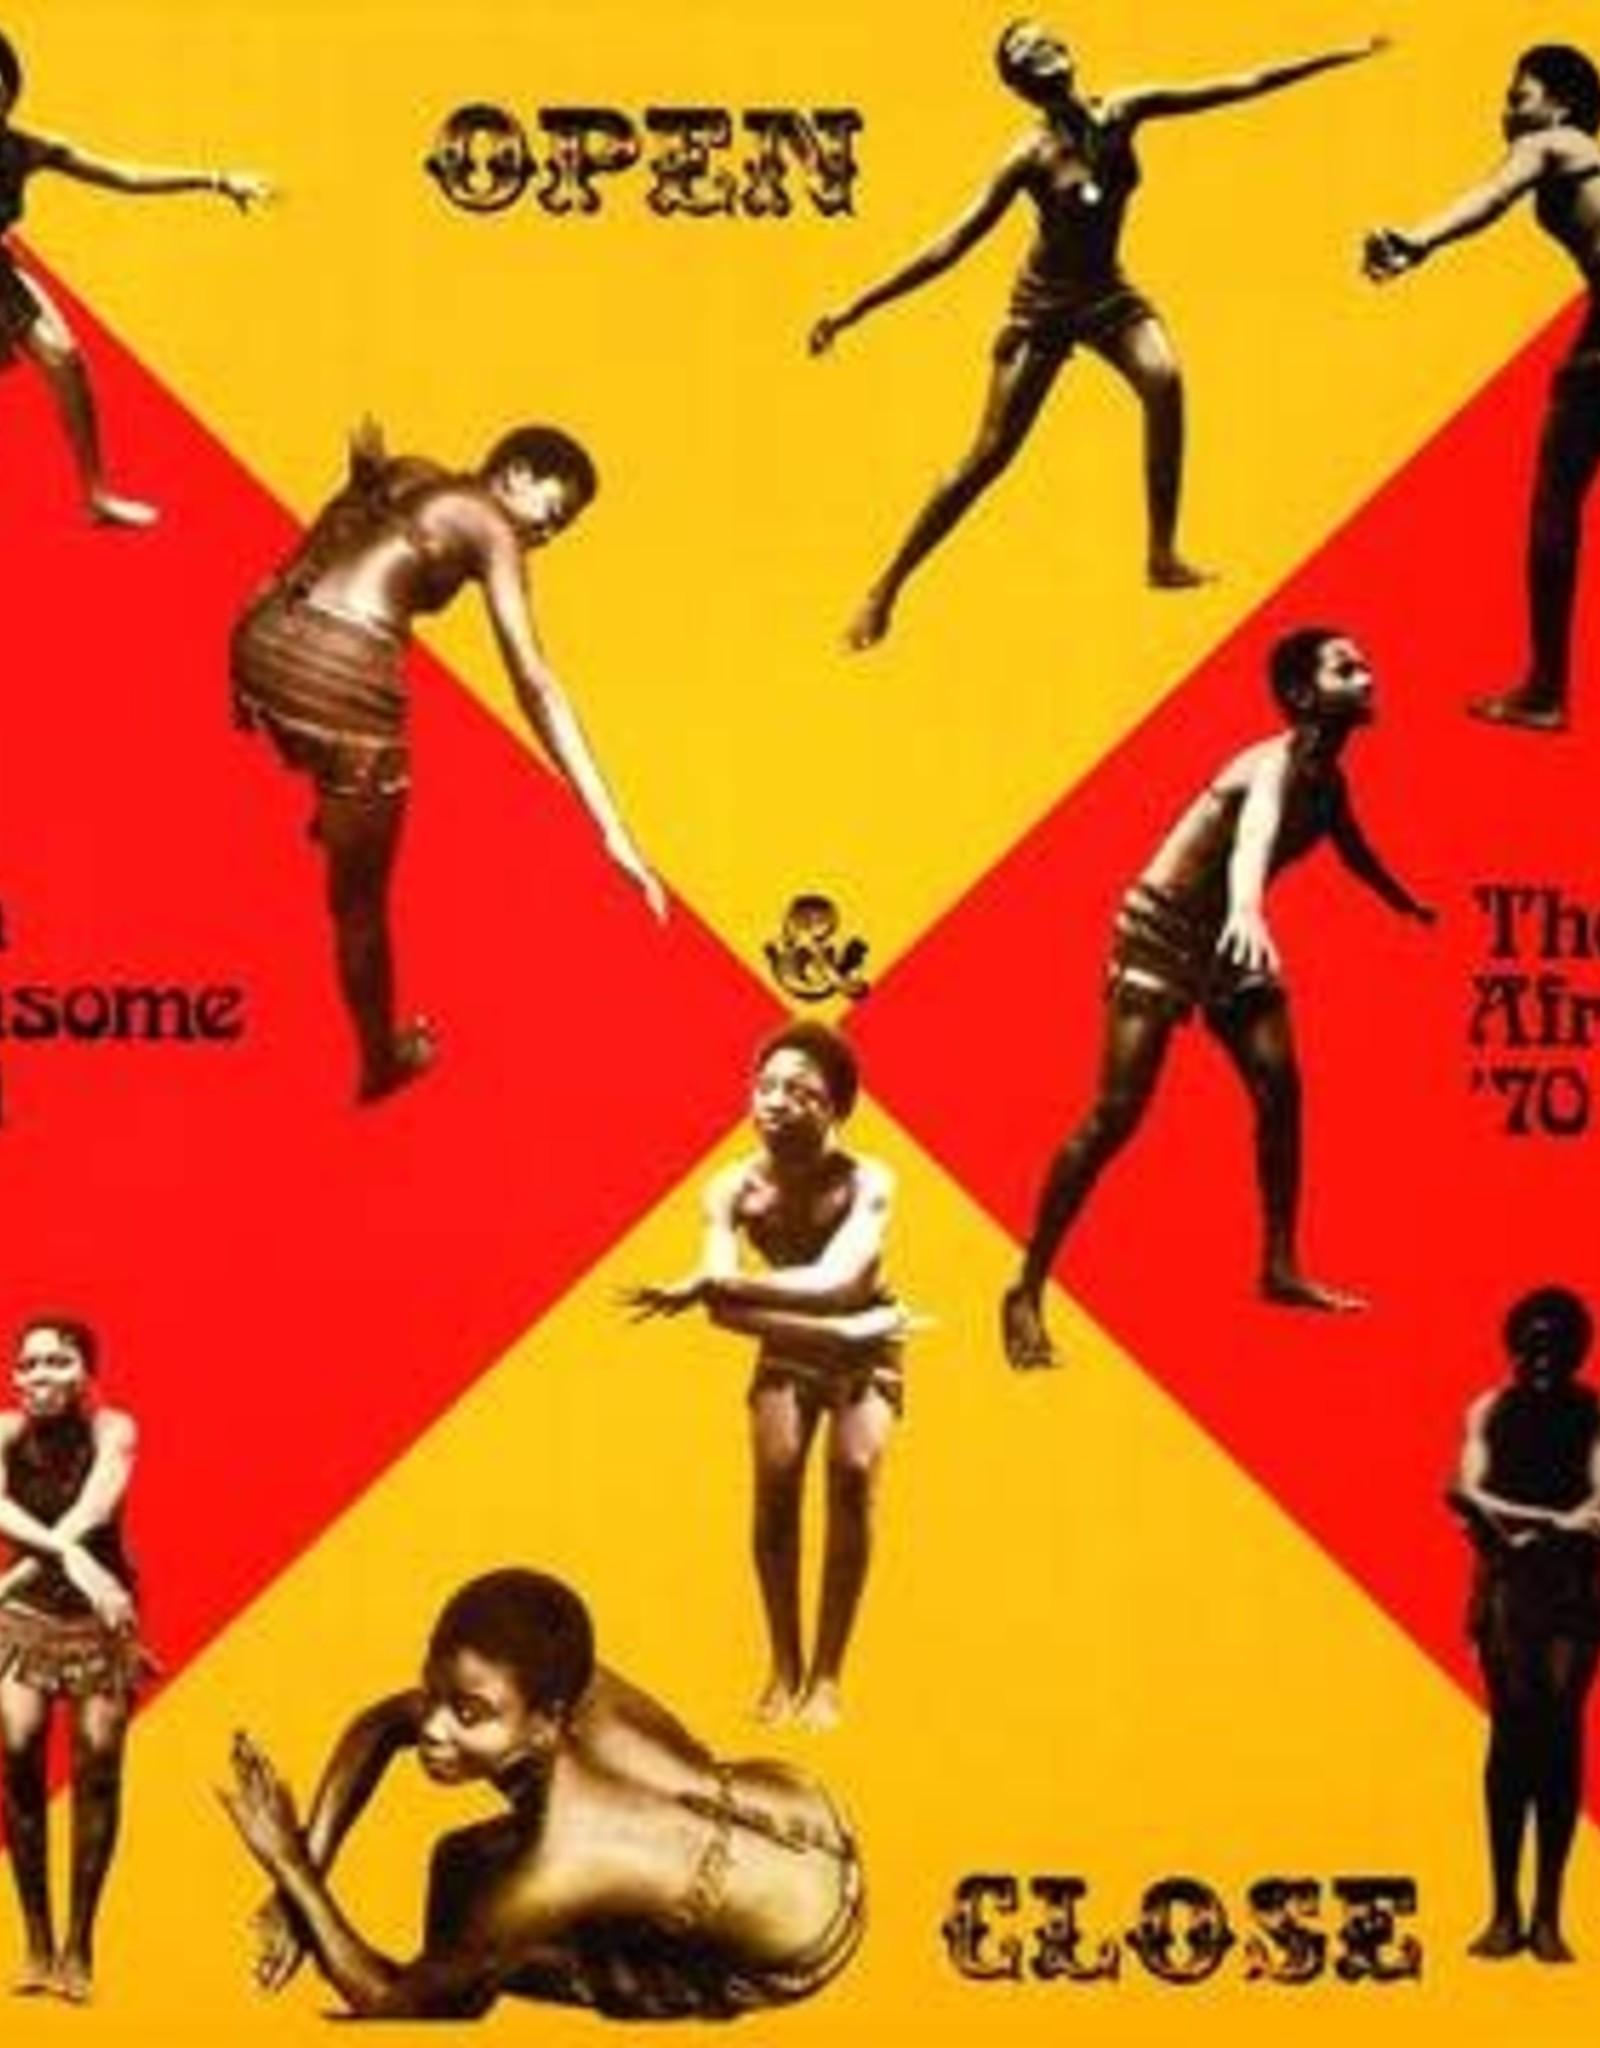 Fela Kuti - Open & Close (Red & Yellow Vinyl) (RSD 6/21)